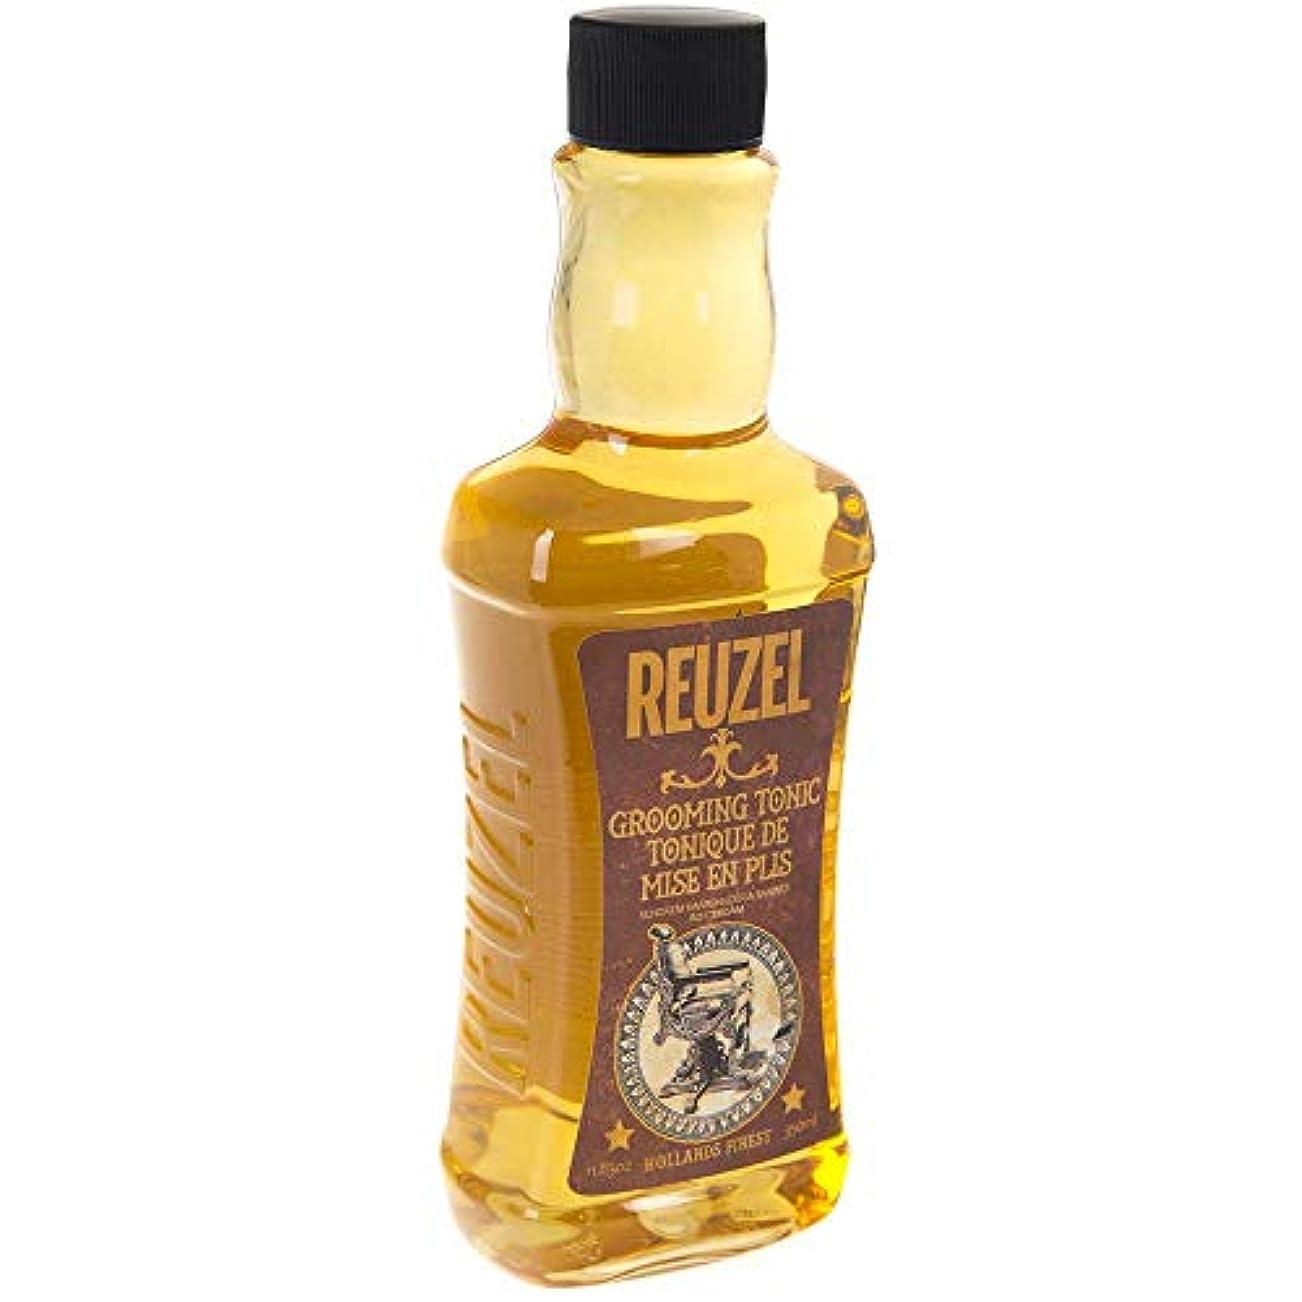 品種ヘルメット乱用ルーゾー グルーミング トニック Reuzel Grooming Tonic 350 ml [並行輸入品]